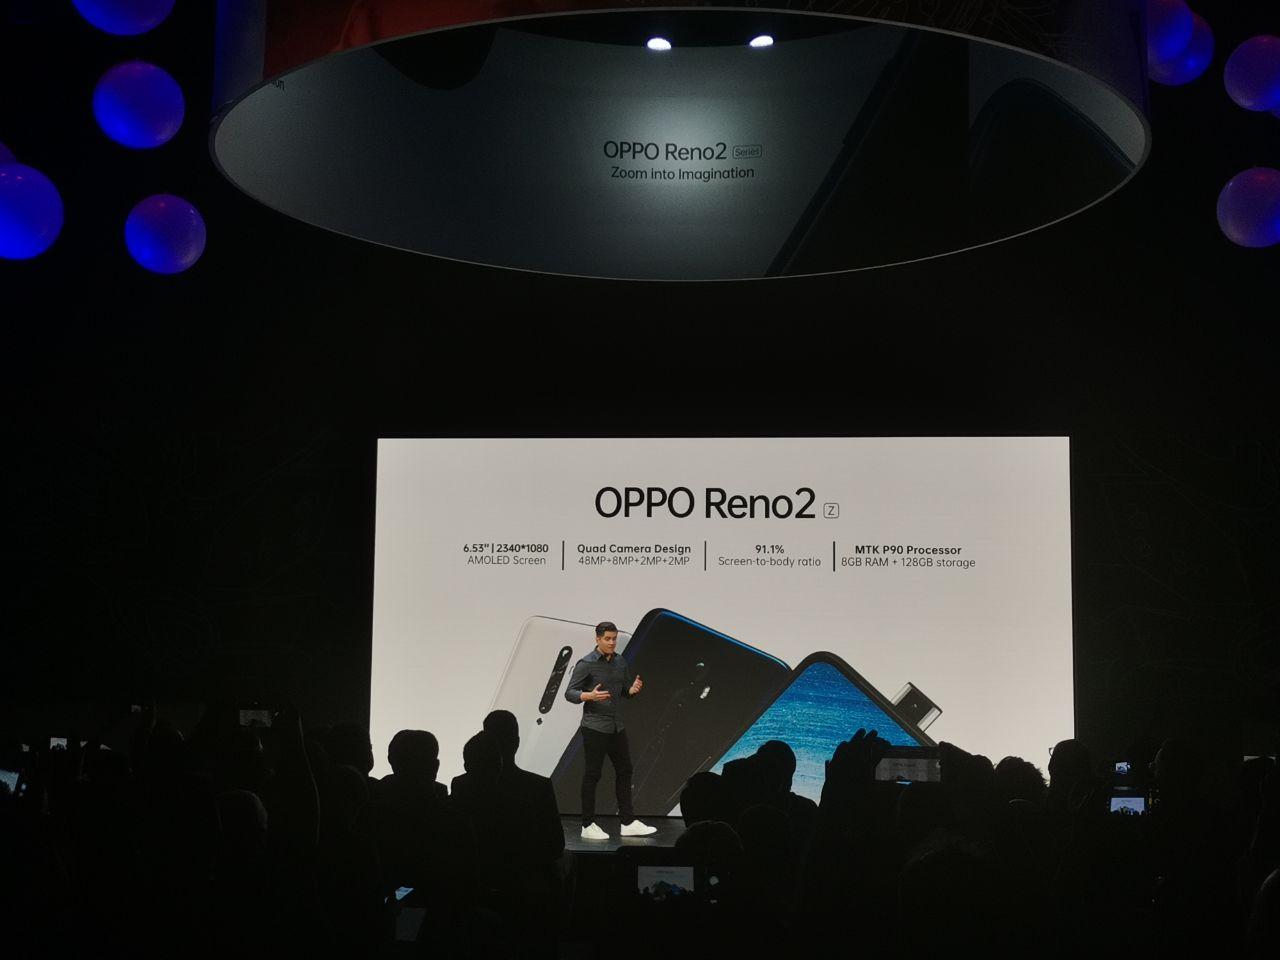 Nuevos OPPO Reno2 y OPPO Reno2 Z: especificaciones y precio 45